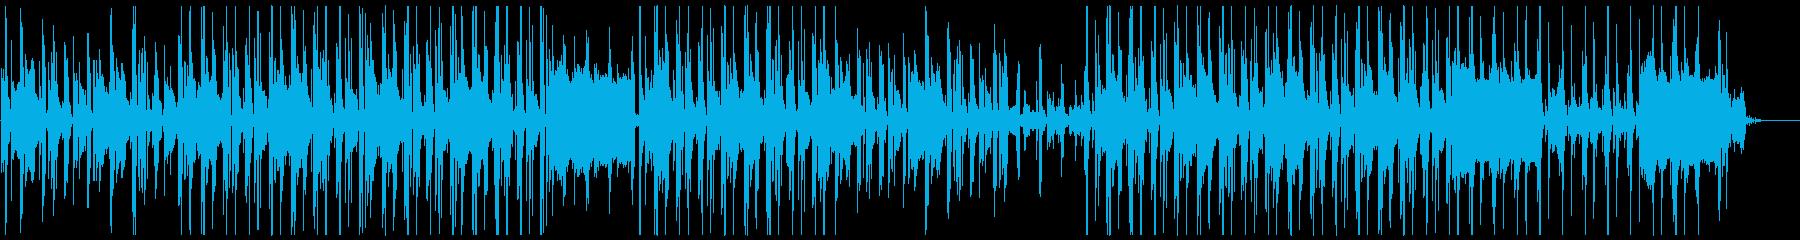 アンニュイな雰囲気のレゲエ、ダブBGMの再生済みの波形